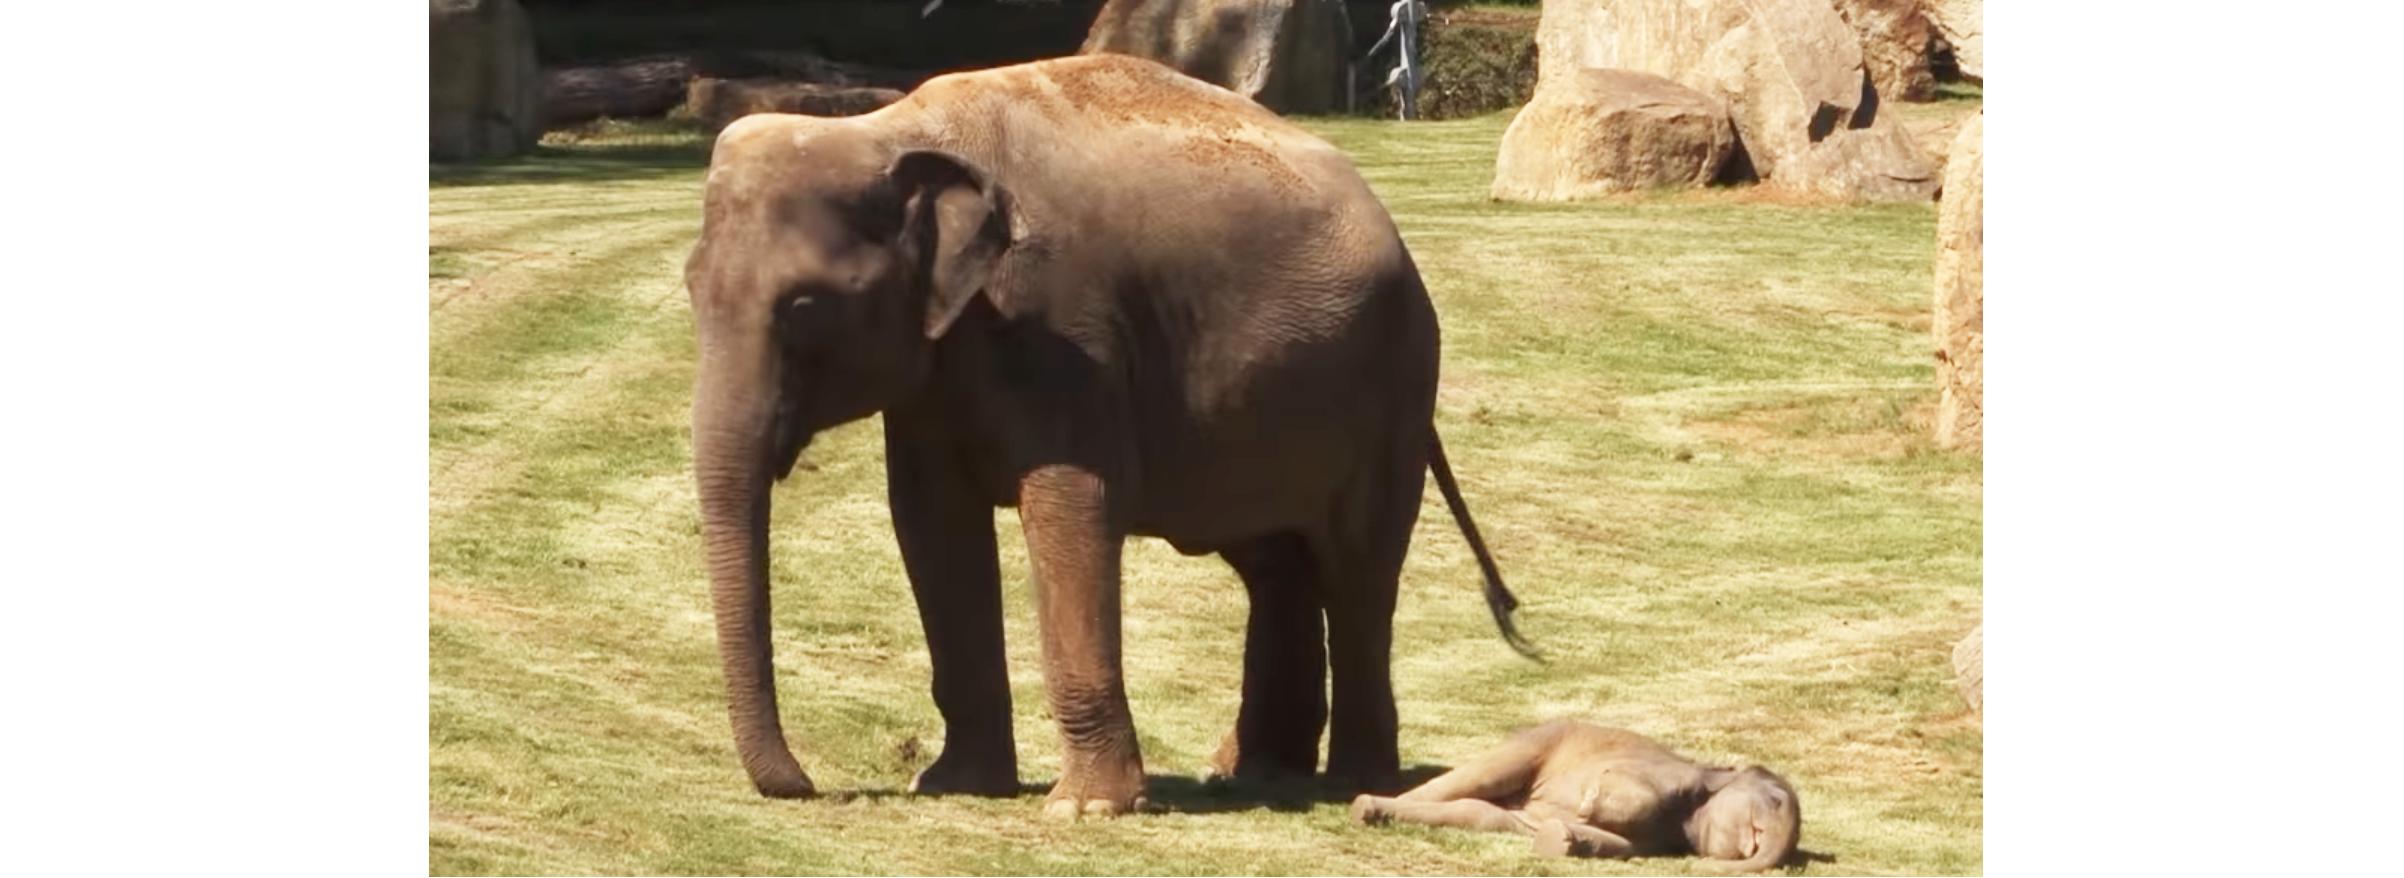 『起こしても、子ゾウが起きない…』困り果てたママのとった行動が、あまりにも可愛かった♡